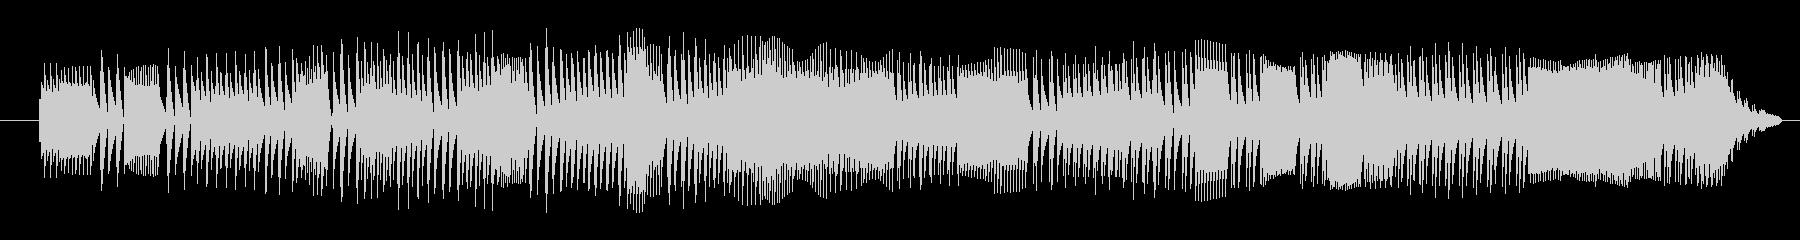 FX クレイジーサイエンティスト05の未再生の波形